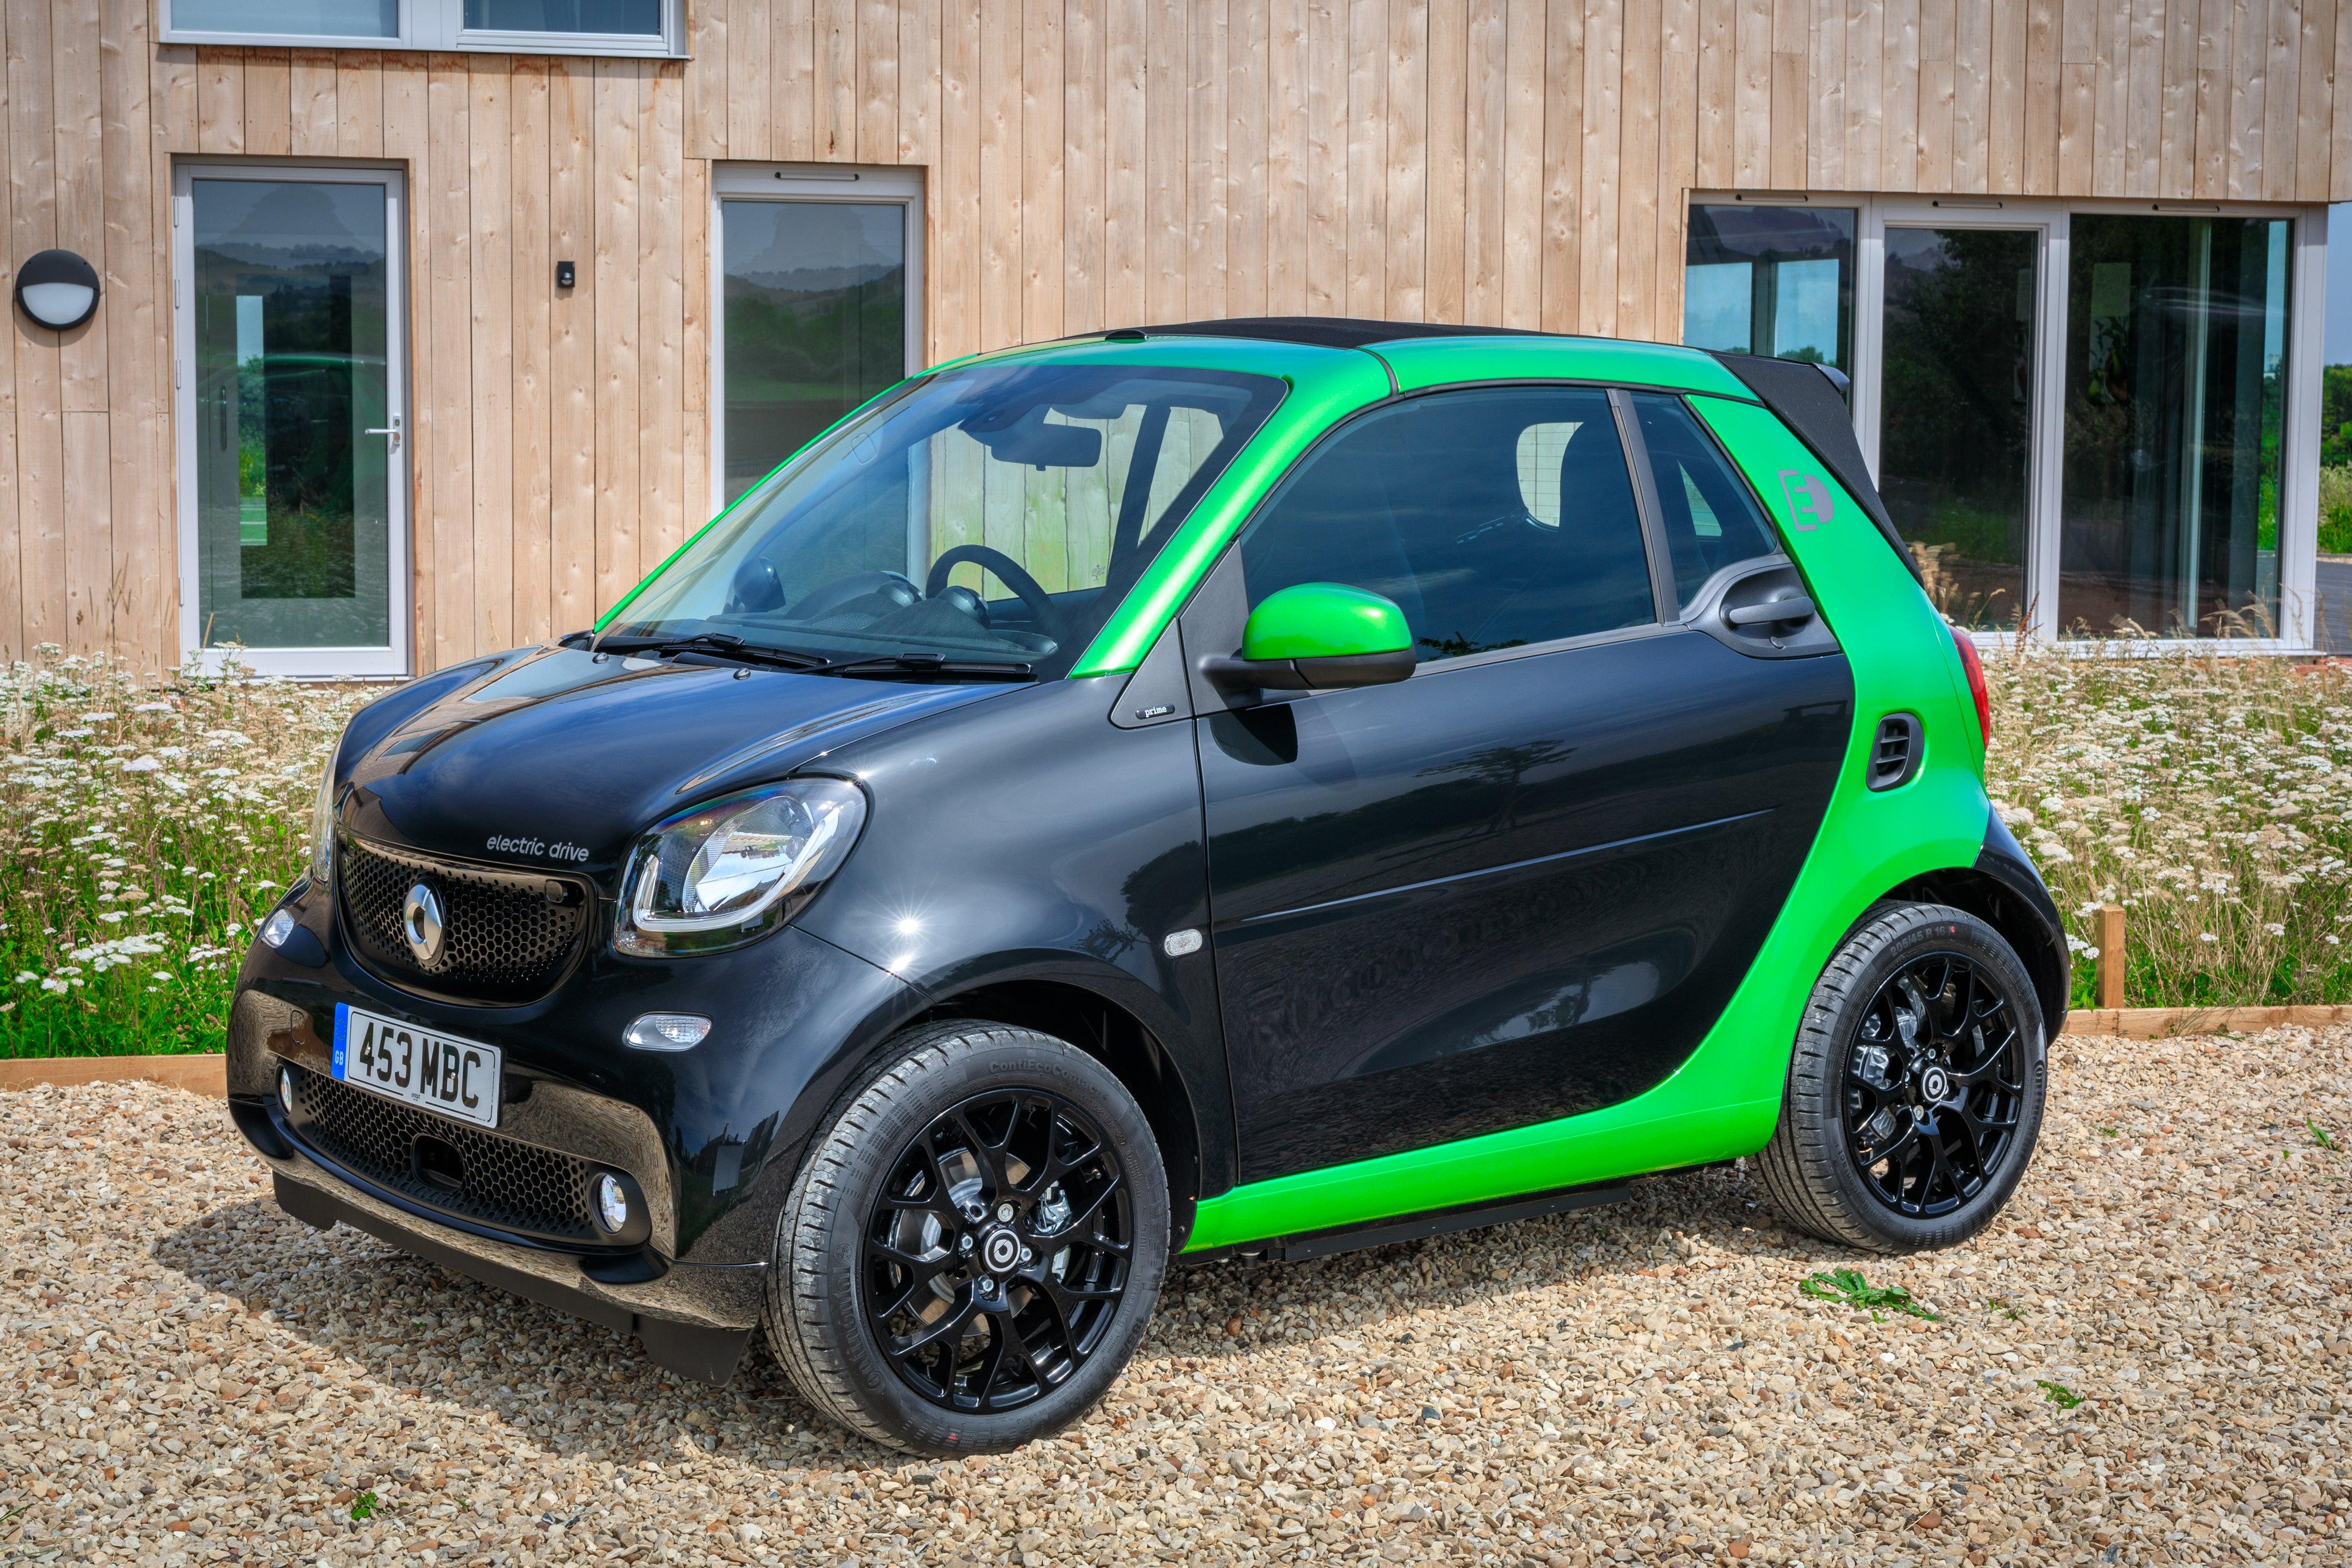 Smart EQ Fortwo Cabrio green and black